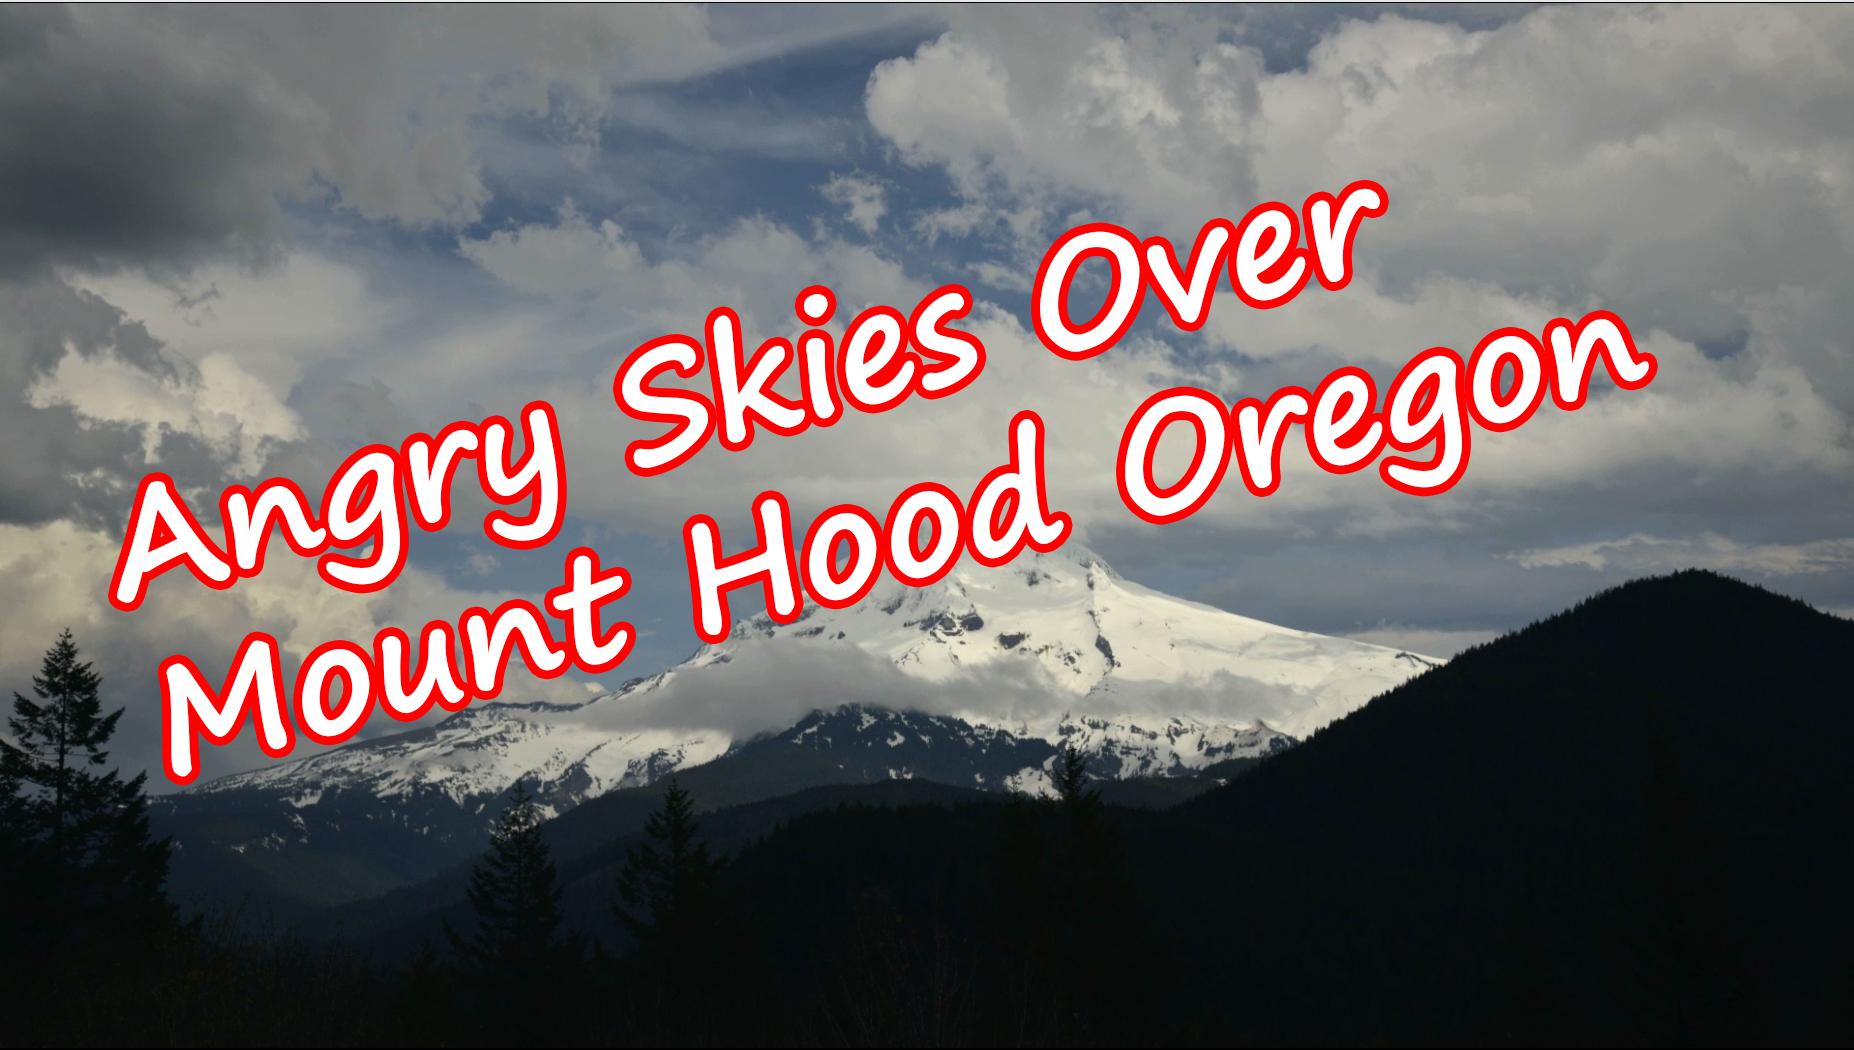 Angry Skies Over Mount Hood Oregon